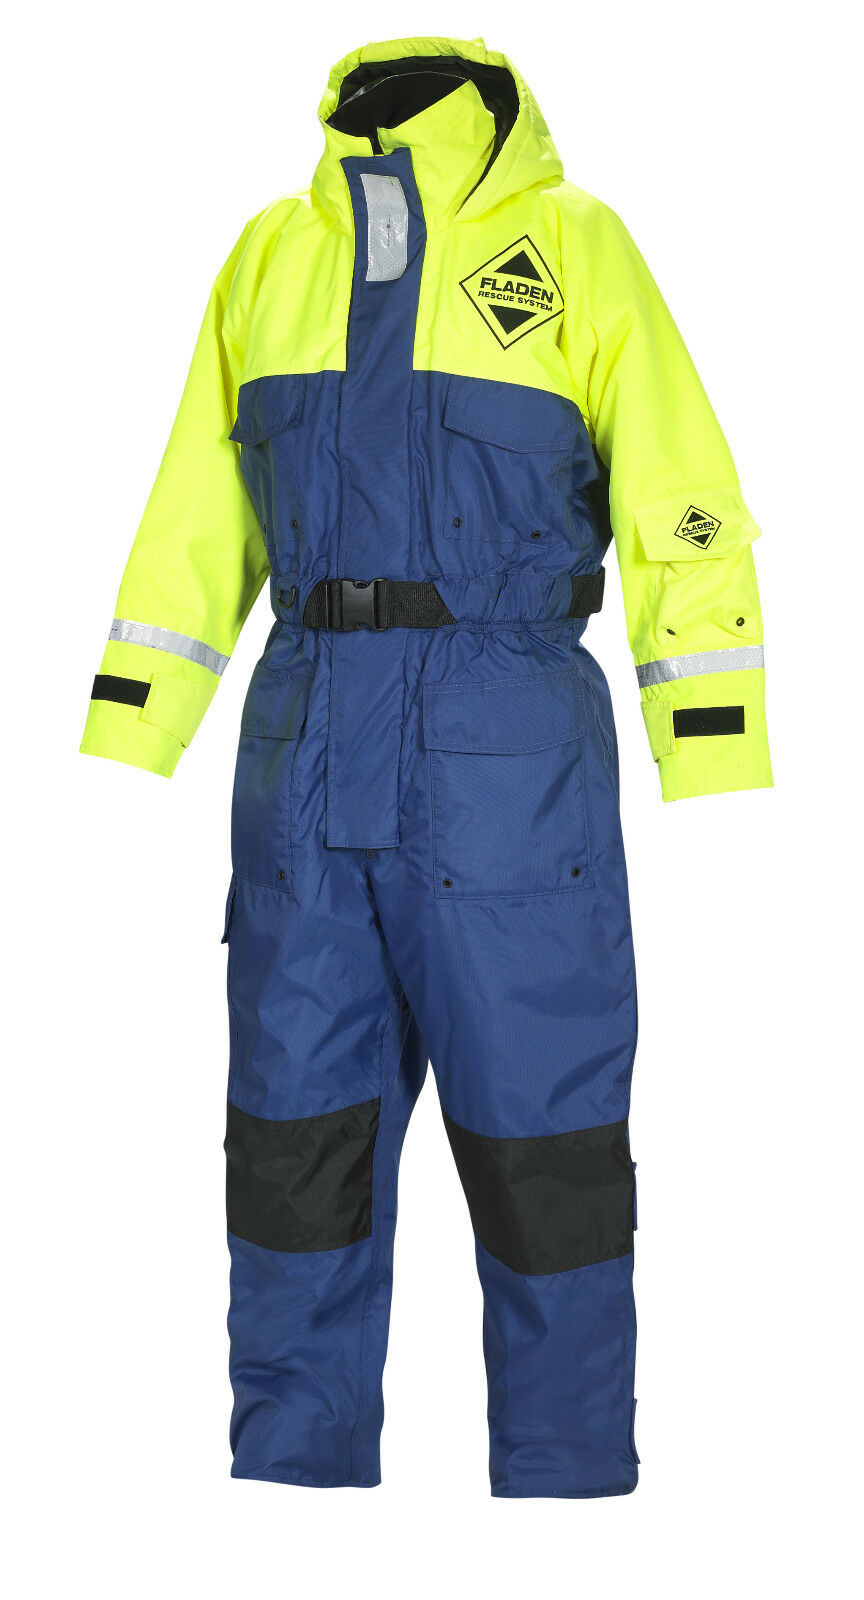 Fladen Flotation Suit,  Warm, Waterproof  Suit, Blau & Gelb XL Extra Large 0abd56